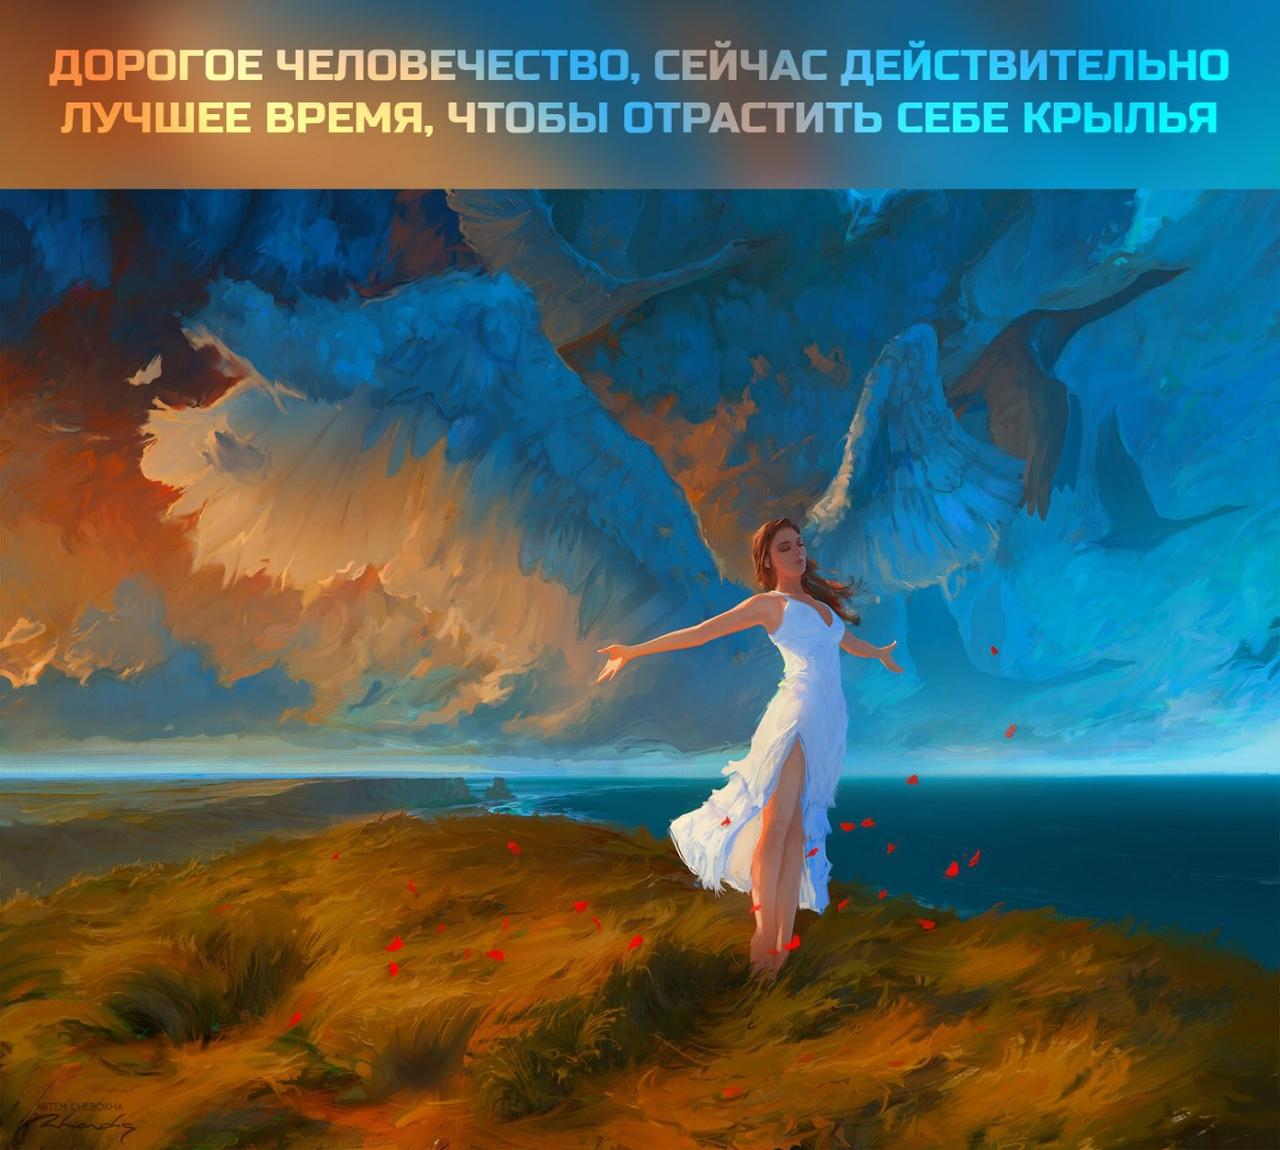 ДОРОГОЕ ЧЕЛОВЕЧЕСТВО, СЕЙЧАС ДЕЙСТВИТЕЛЬНО ЛУЧШЕЕ ВРЕМЯ, 61474